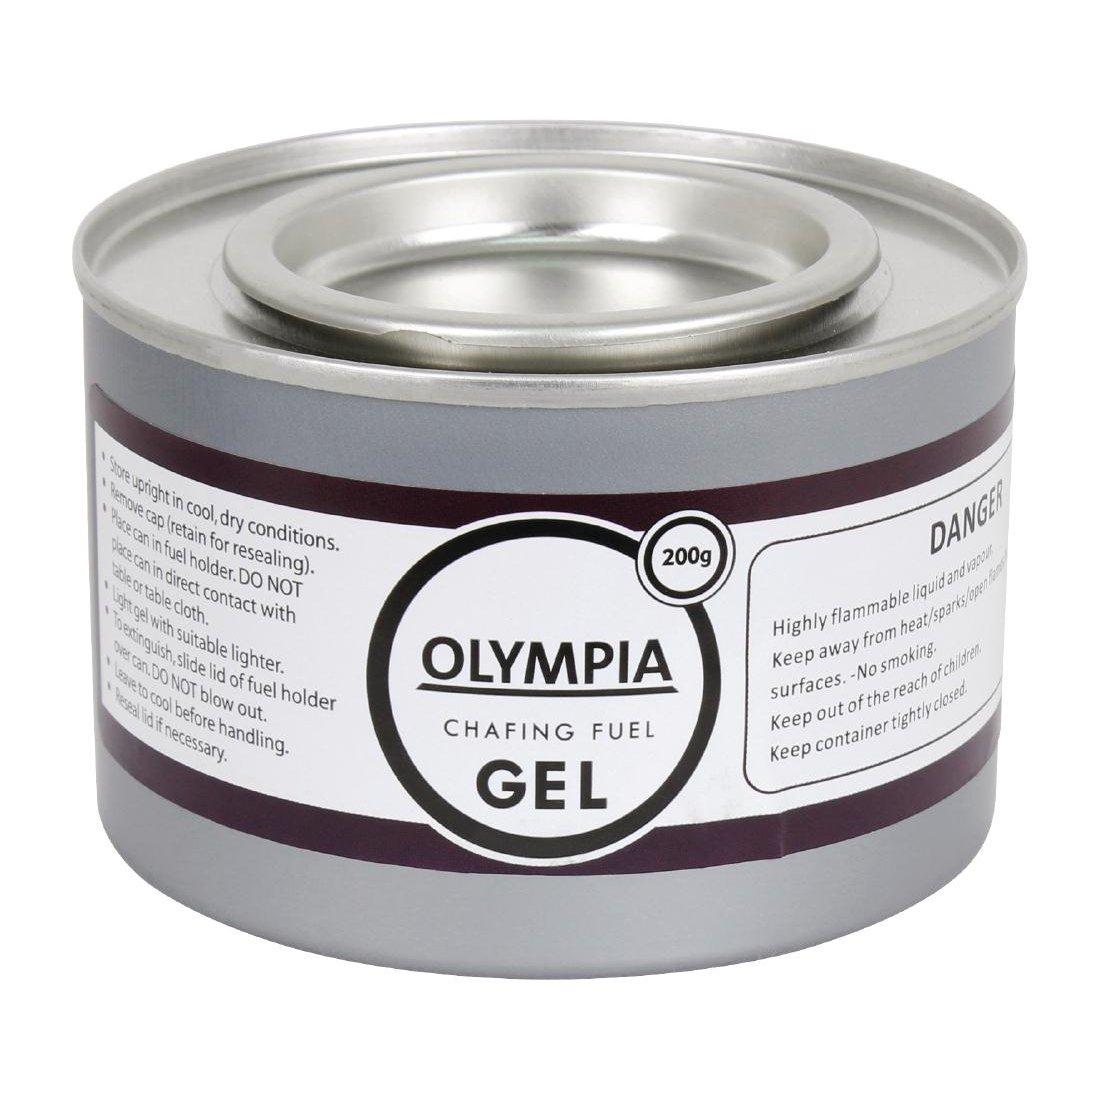 Combustible en gel Olympia CE241 para hornillo calentador, de 200 g (pack de 12): Amazon.es: Industria, empresas y ciencia